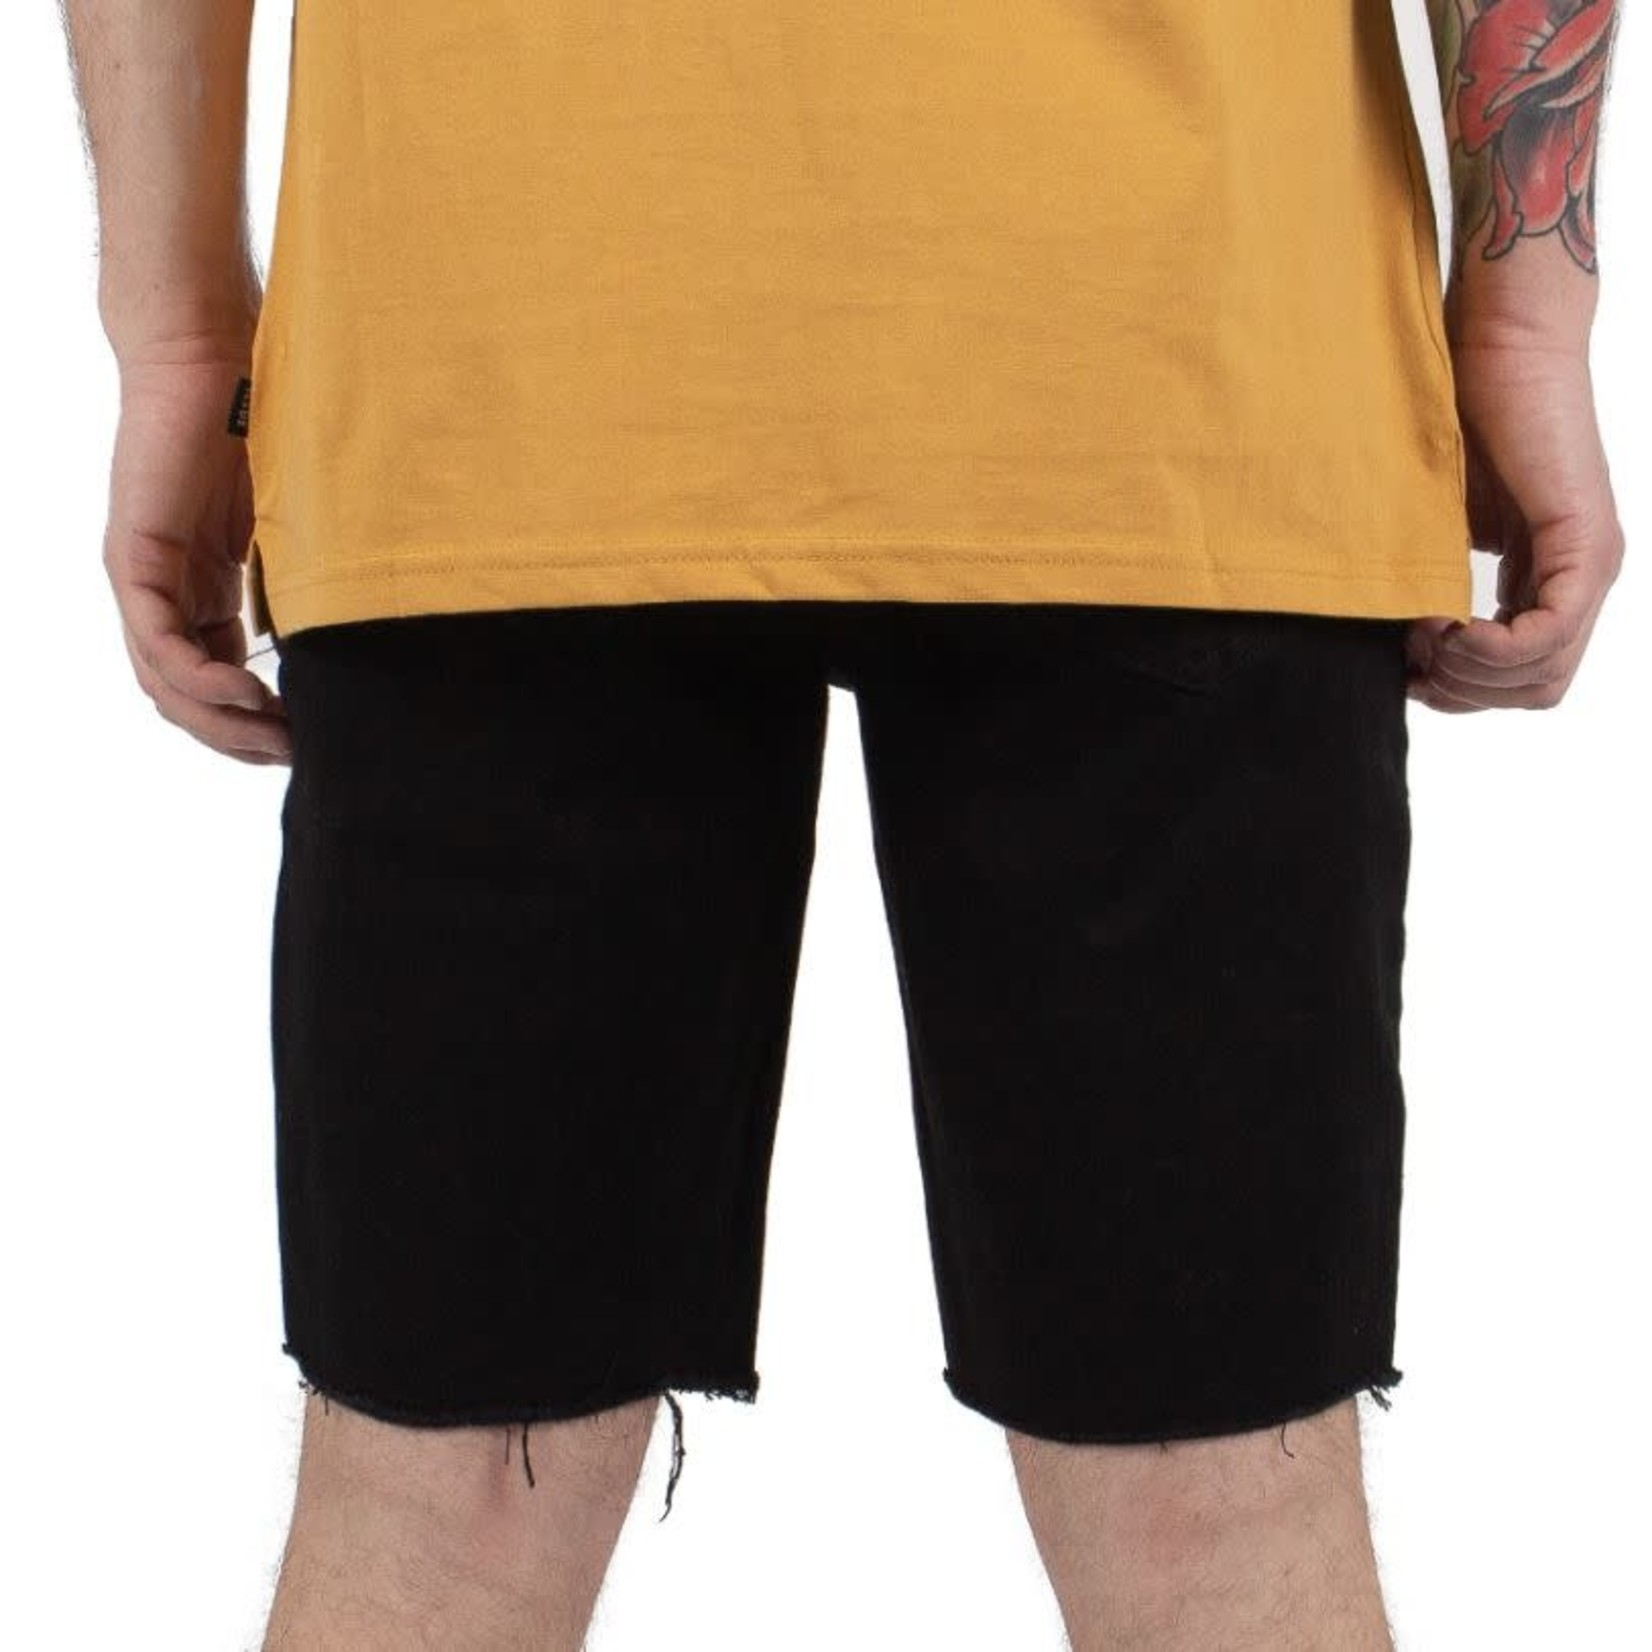 WLKN WLKN : Reggie Denim Shorts